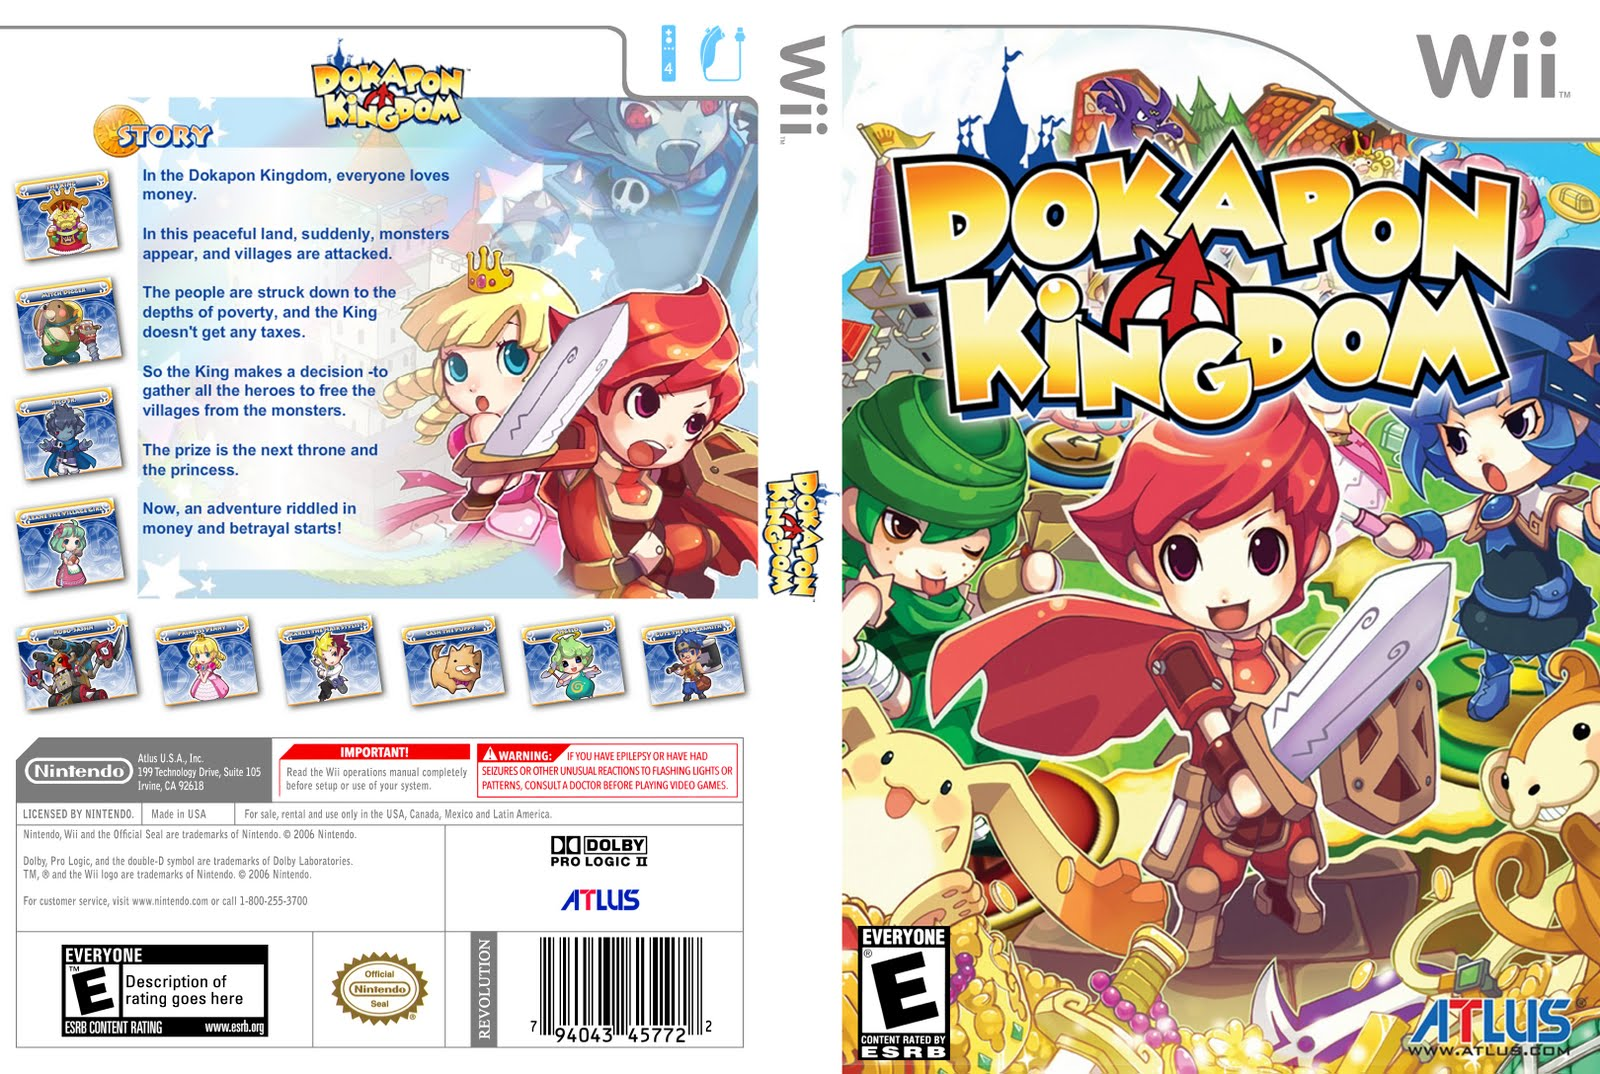 dokapon kingdom wii iso download